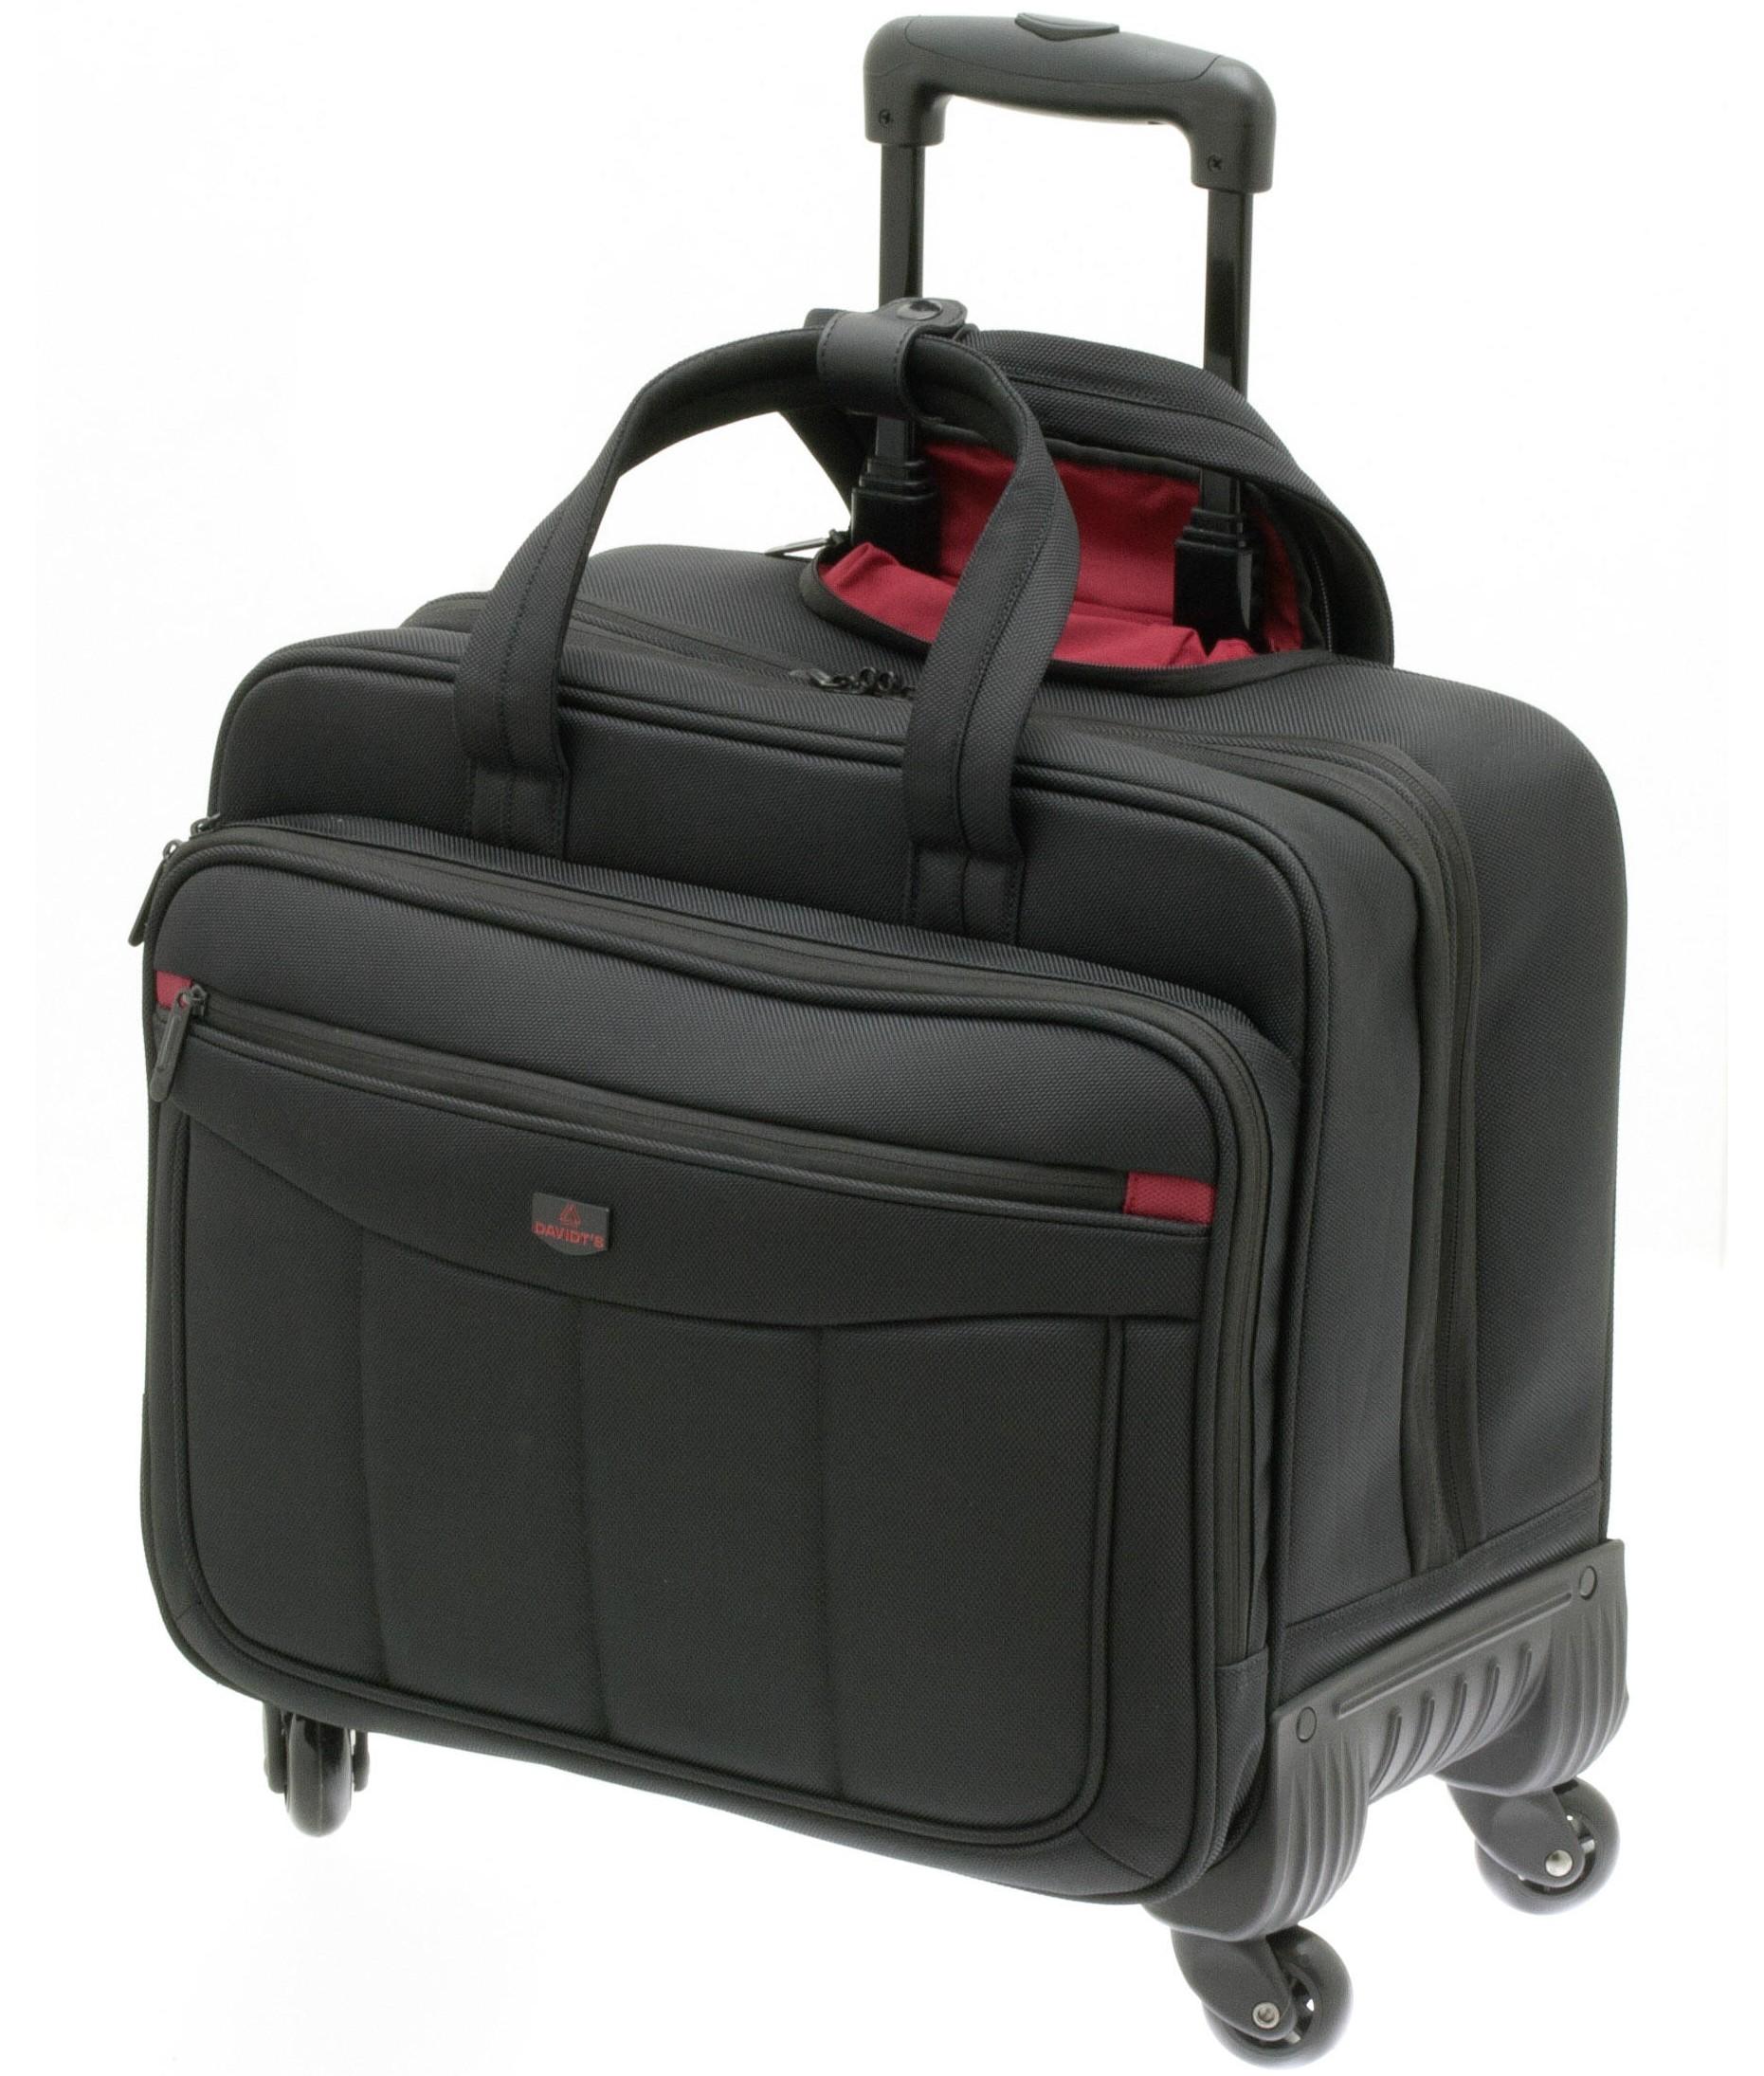 valise pour ordinateur 17 pouces avec 4 roues davidt 39 s monte carlo citasac. Black Bedroom Furniture Sets. Home Design Ideas